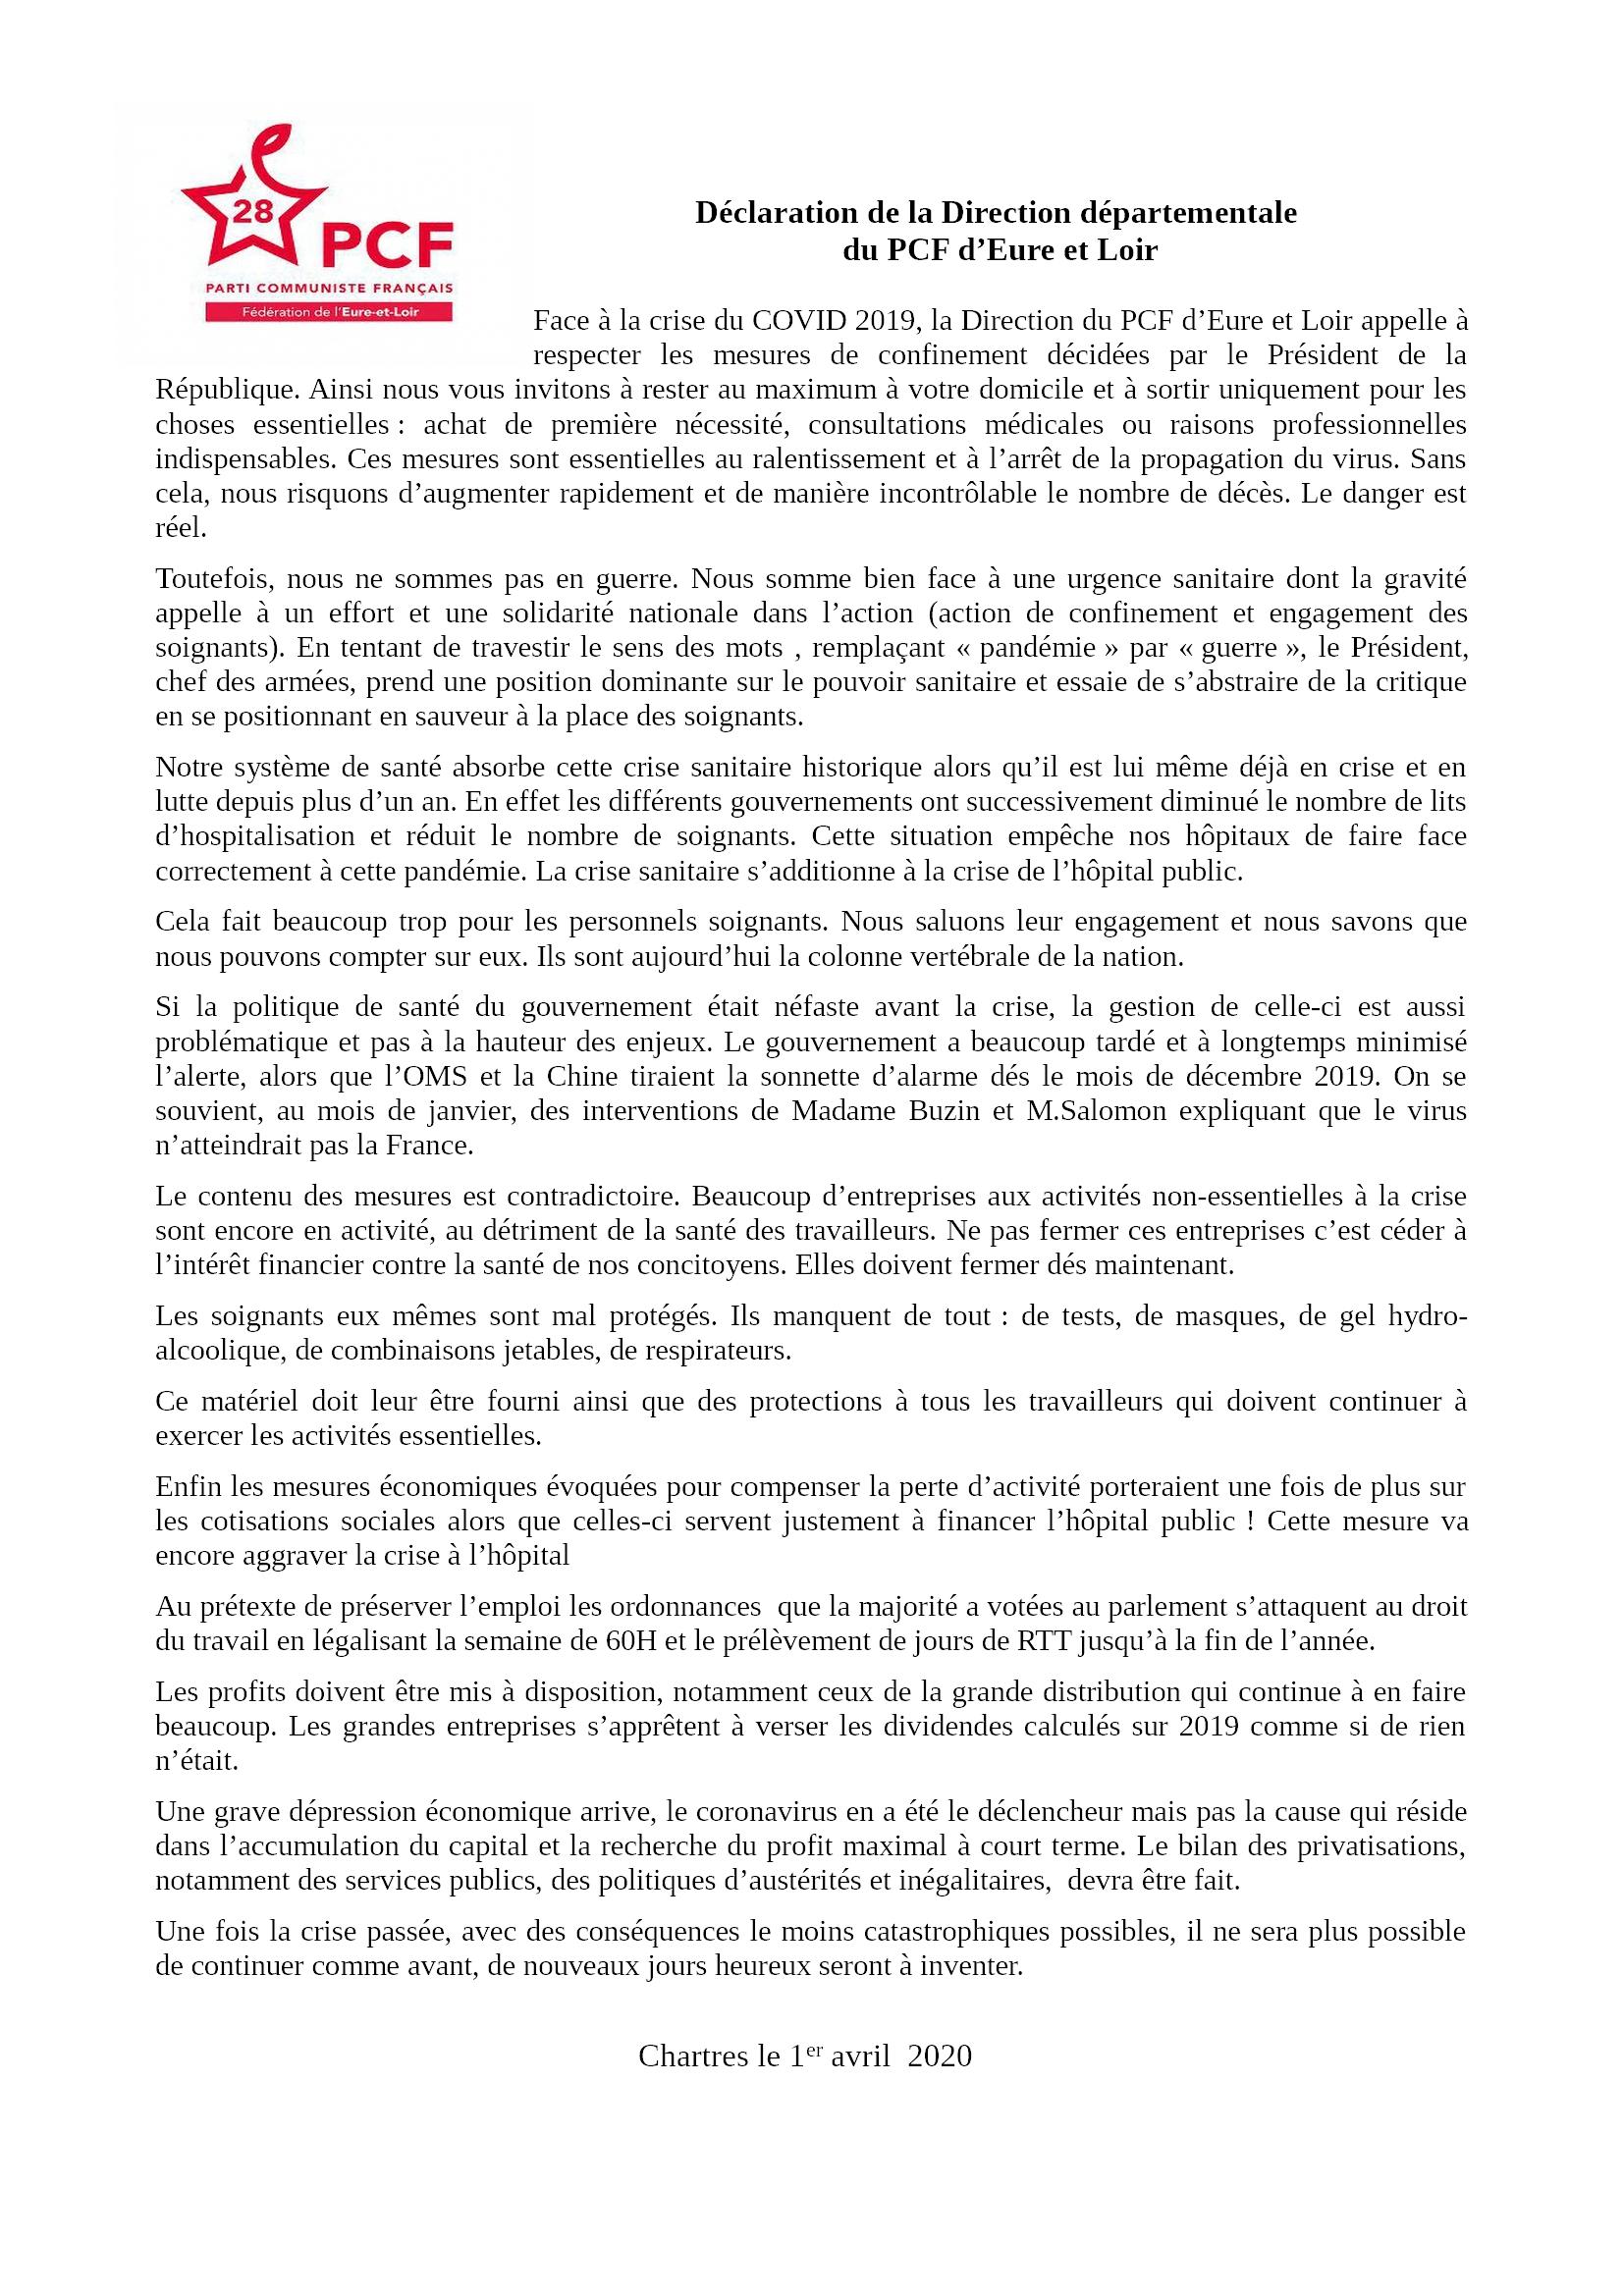 COVID-19 Déclaration PCF 28 du 01-04-2020